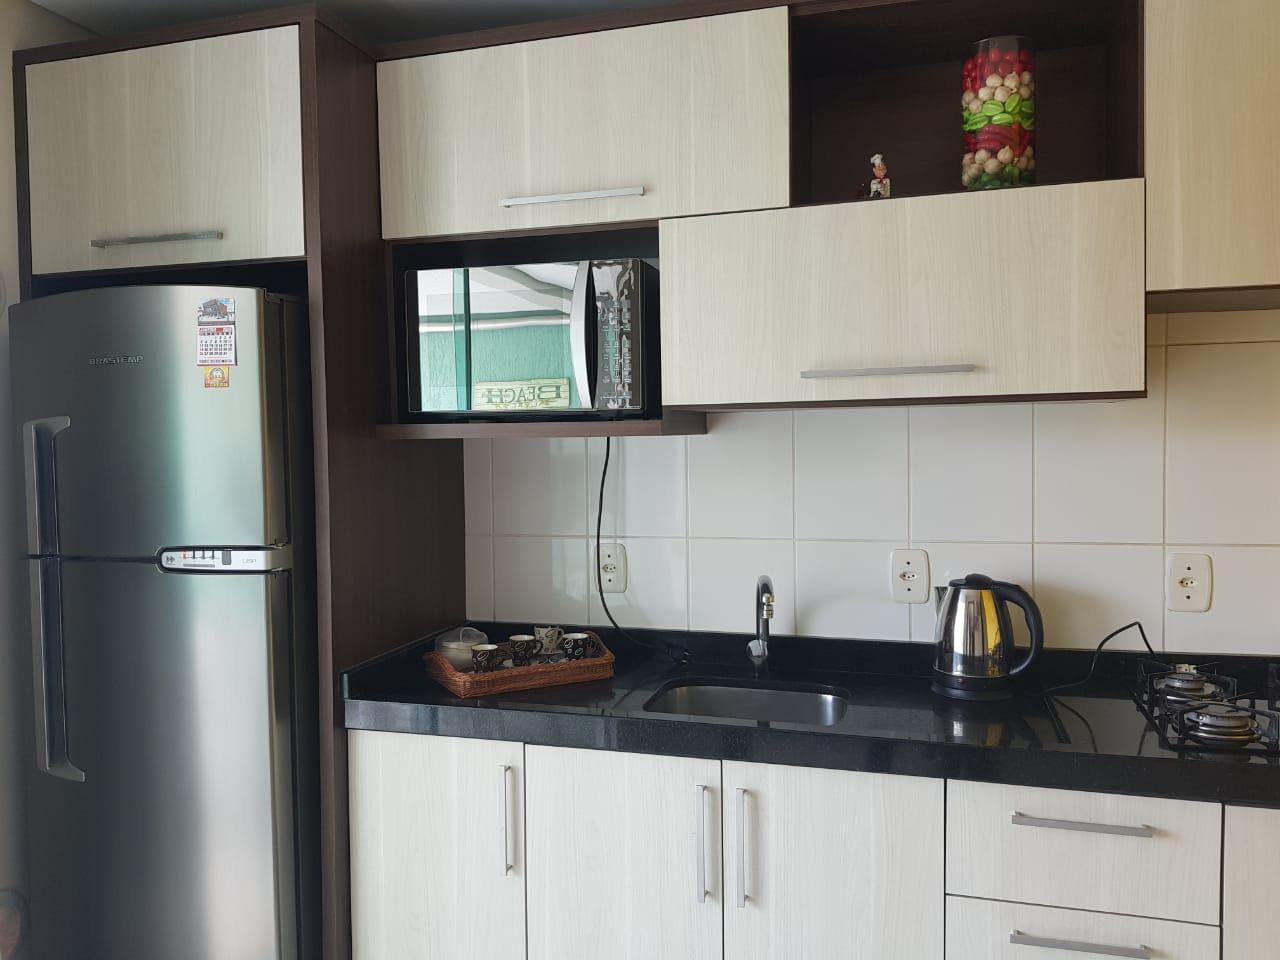 Apartamento com 3 Dormitórios para alugar, 100 m² valor à combinar